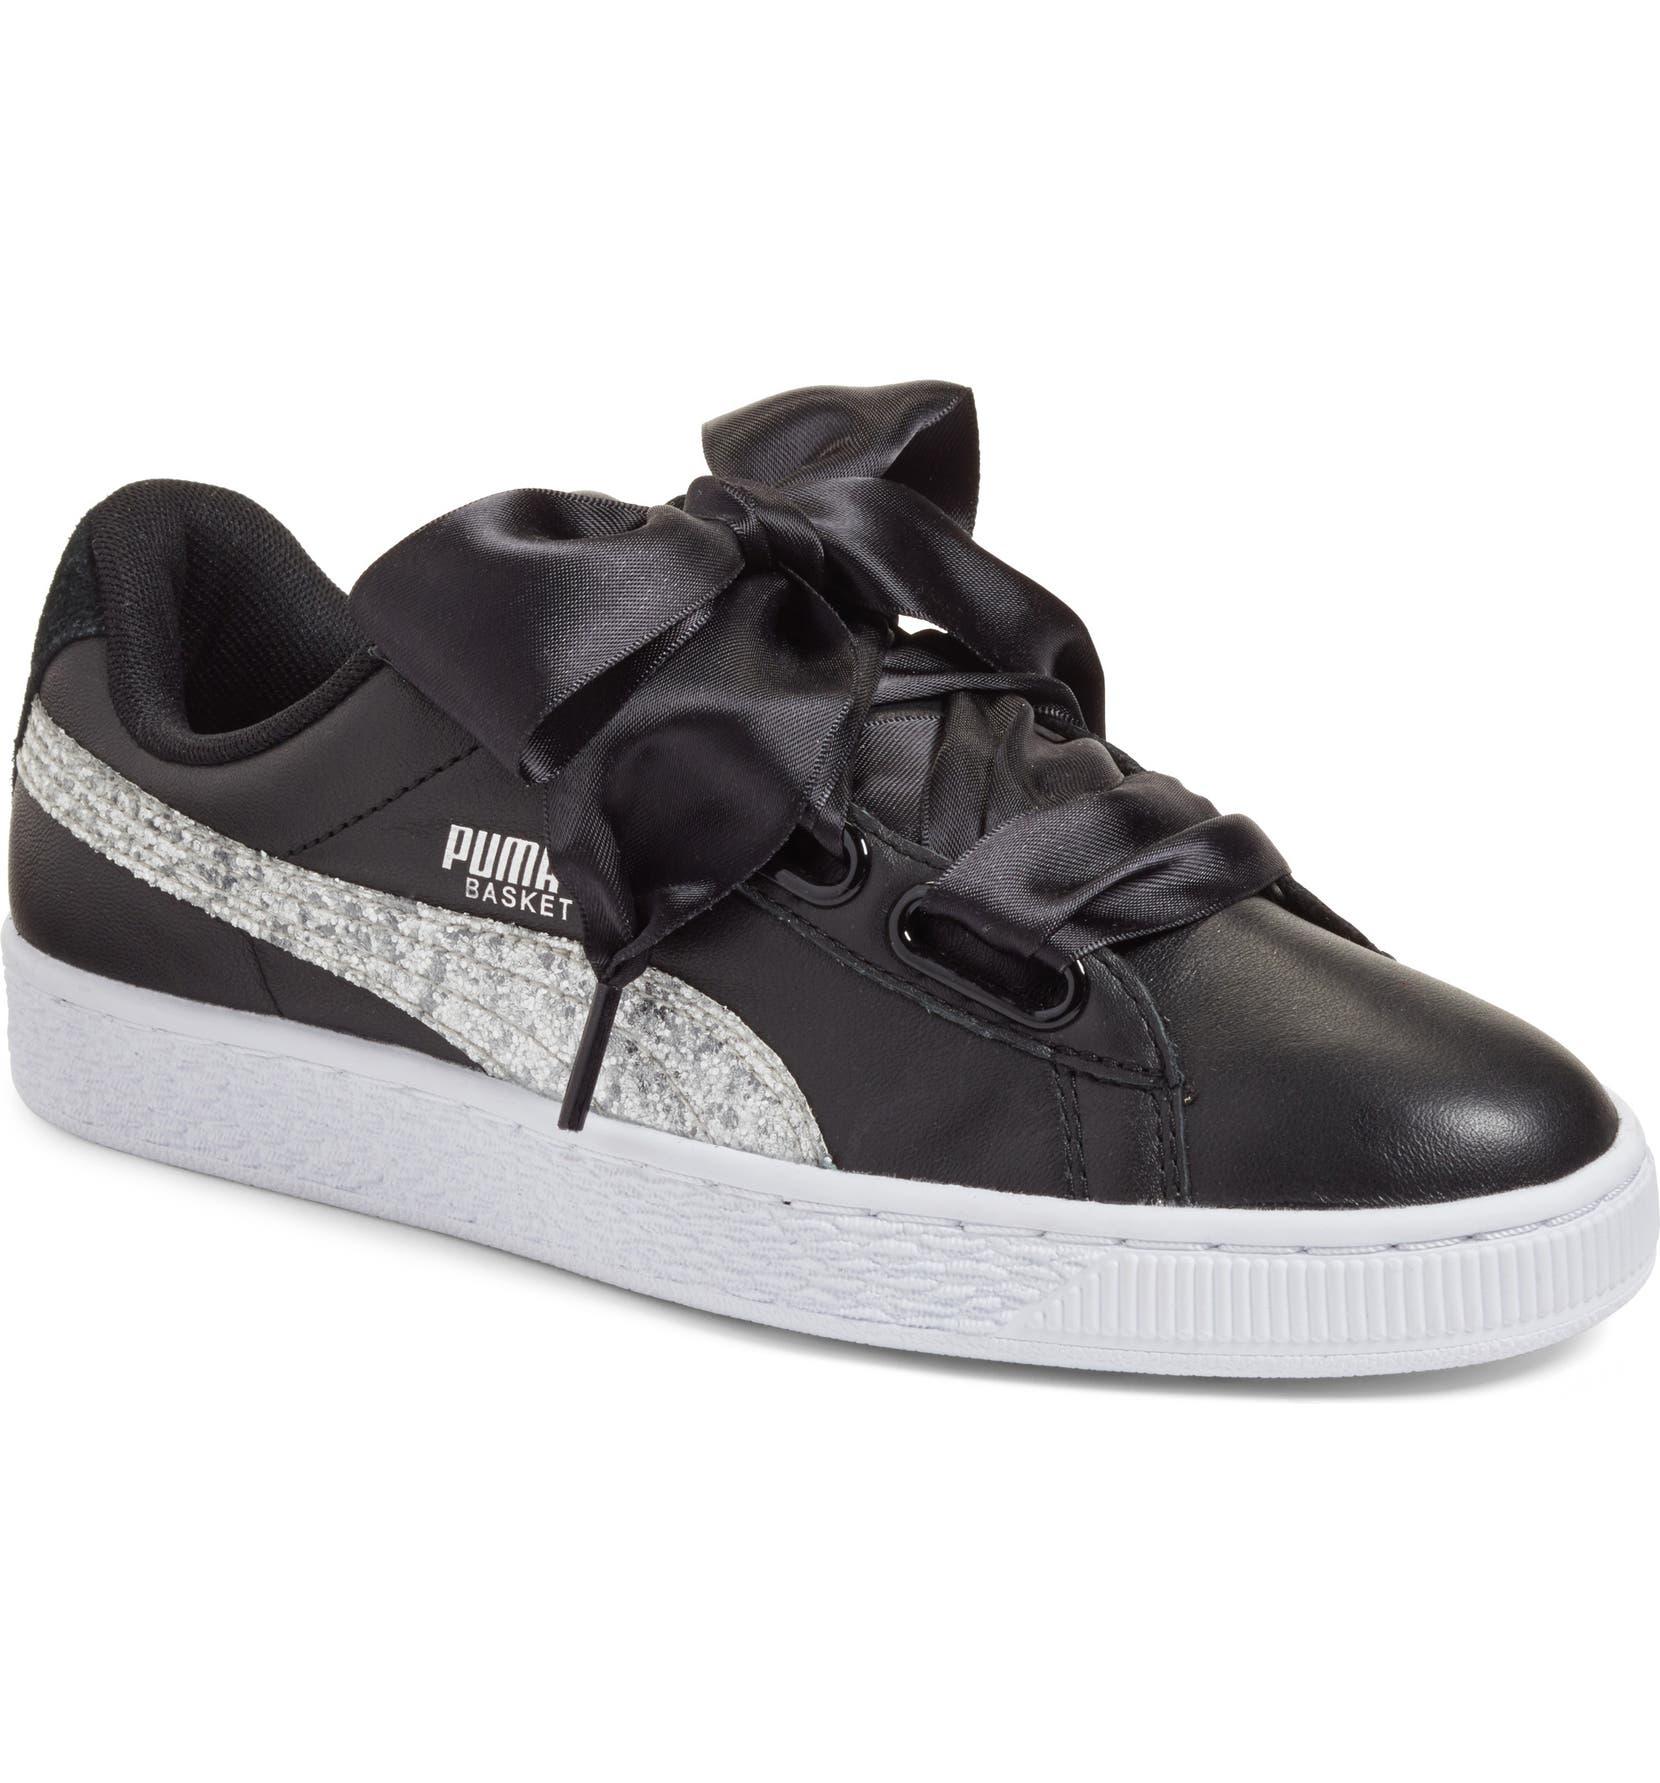 617fcf3207b6 Puma Basket Heart Sneaker | Nordstrom